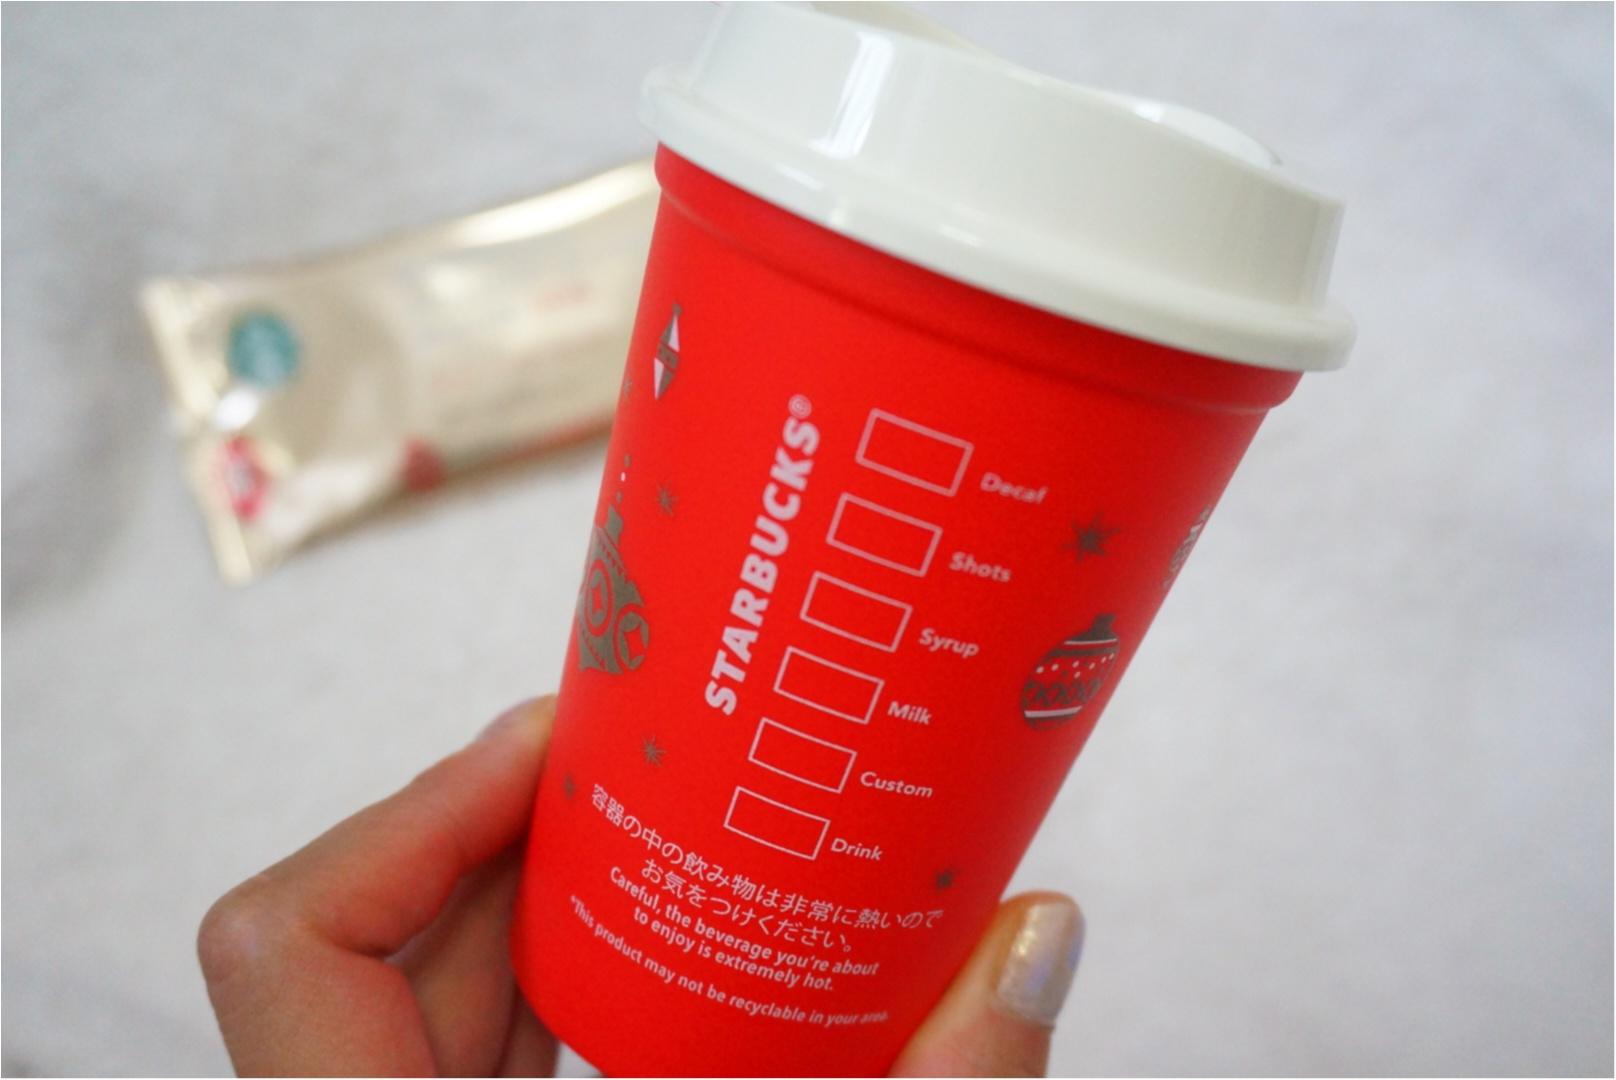 大人気アイテム!【スタバ】リユーザブルカップのクリスマス限定デザインが可愛すぎる❤️_4